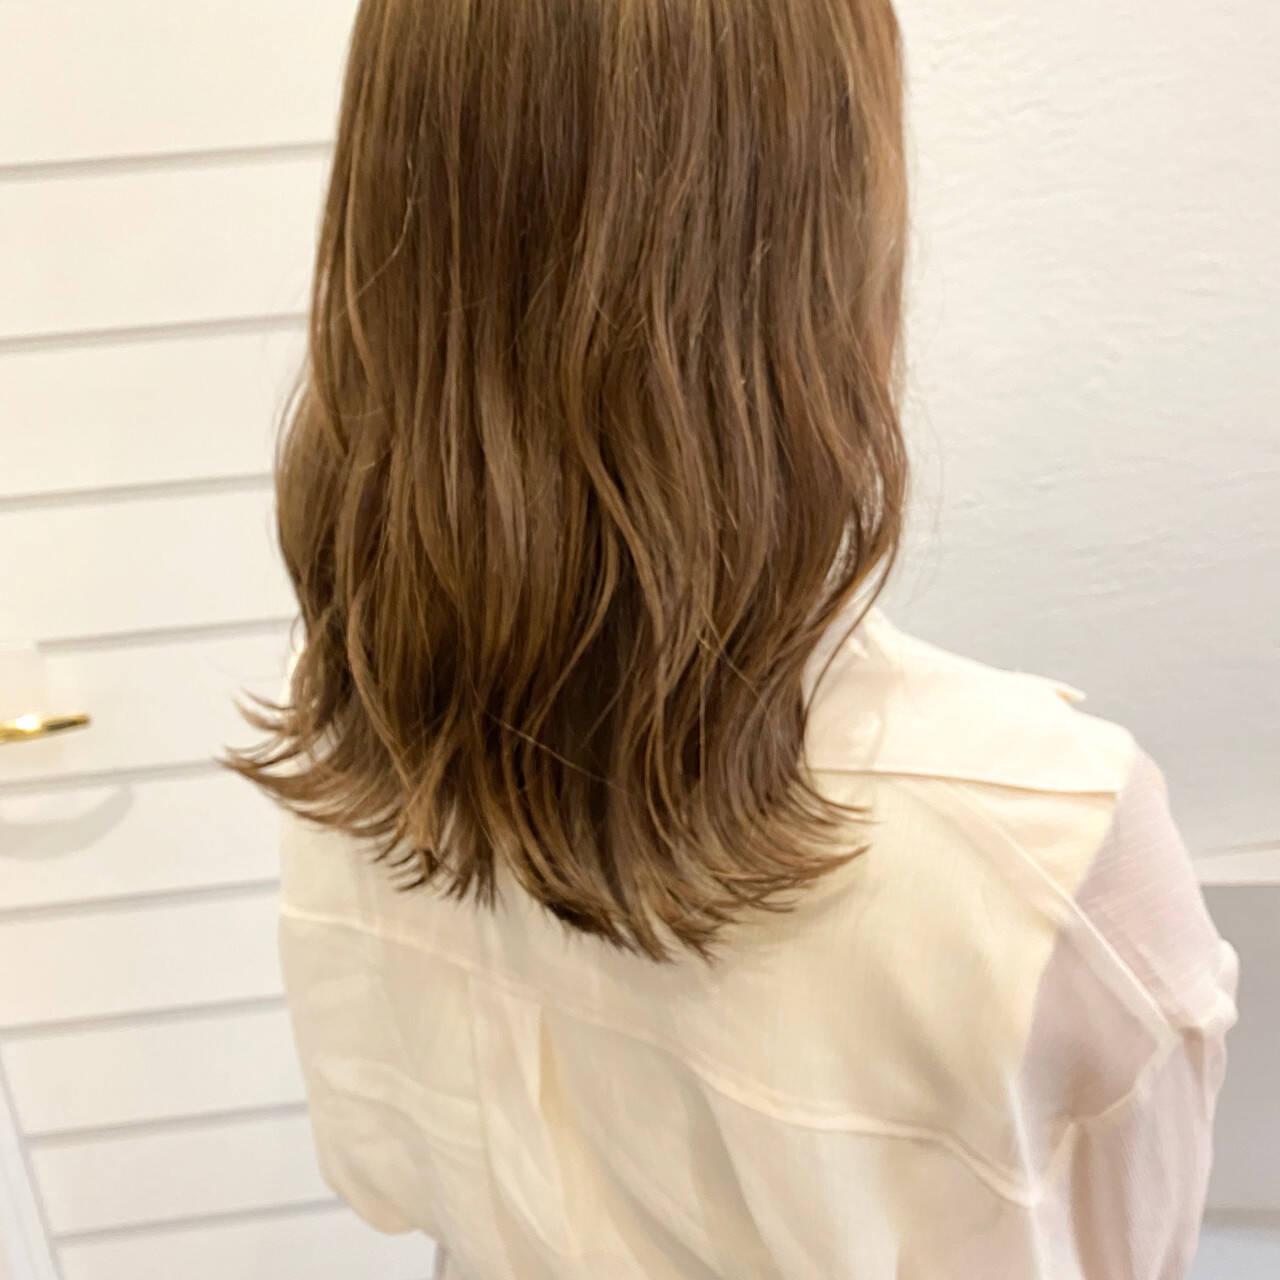 ショコラブラウン アッシュブラウン ブラウンベージュ ナチュラルヘアスタイルや髪型の写真・画像